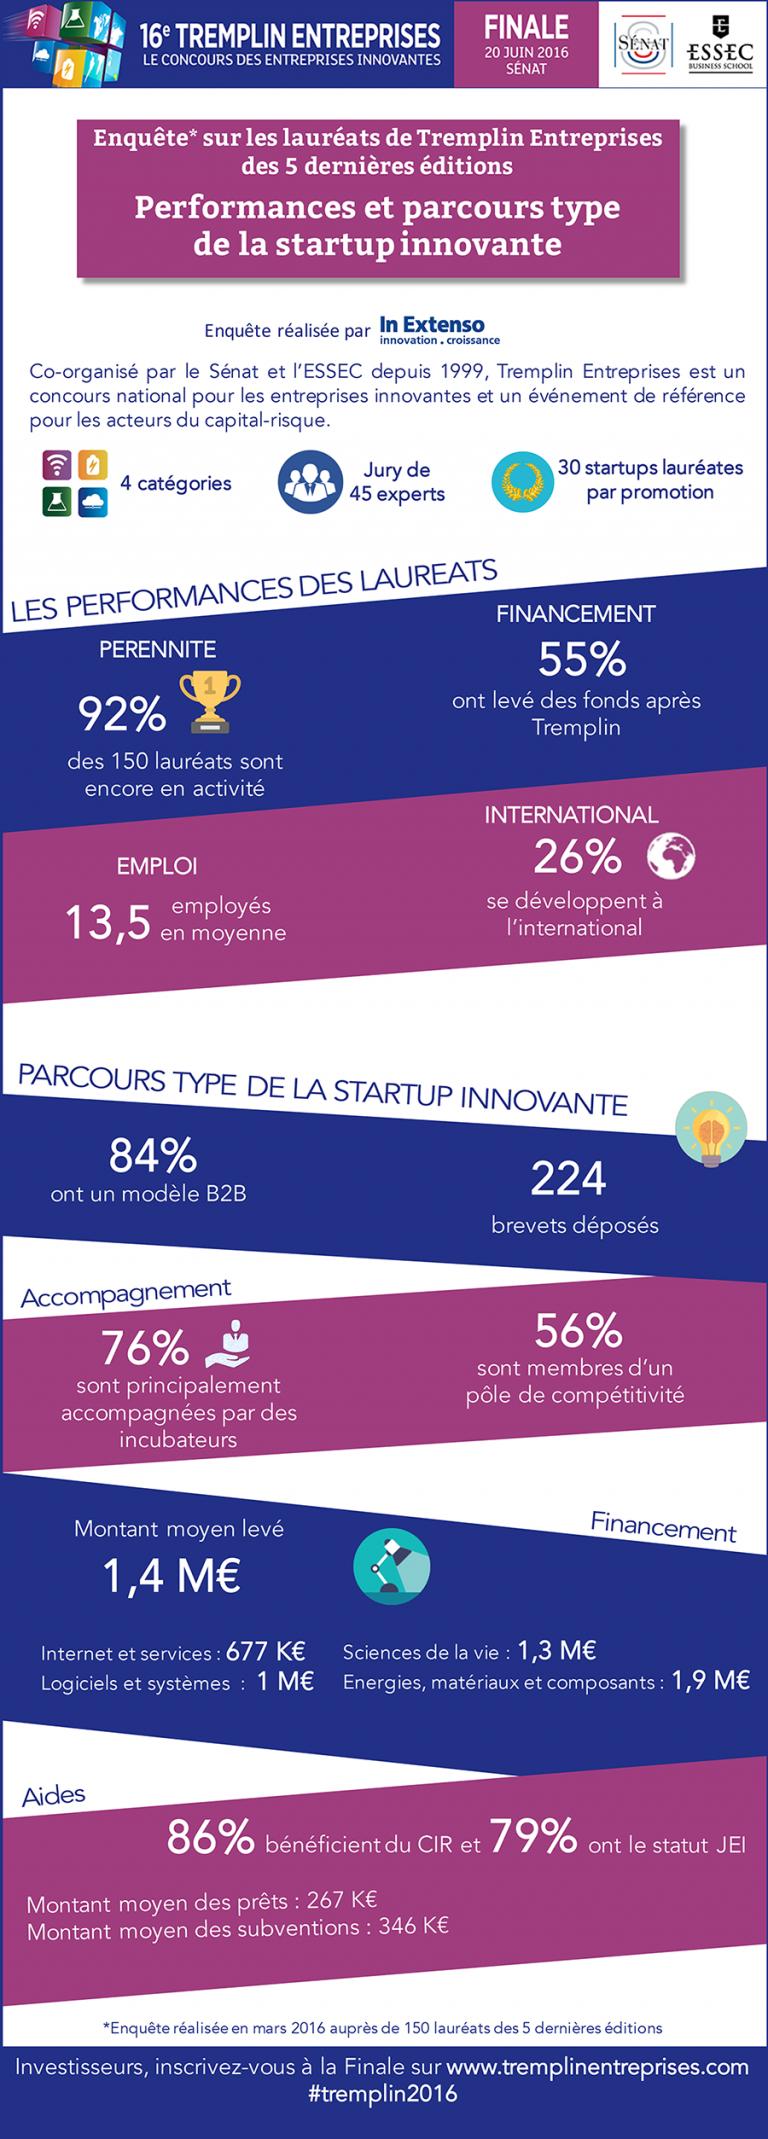 Infographie_Enquete_Laureats_Tremplin_Entreprises-768x2139